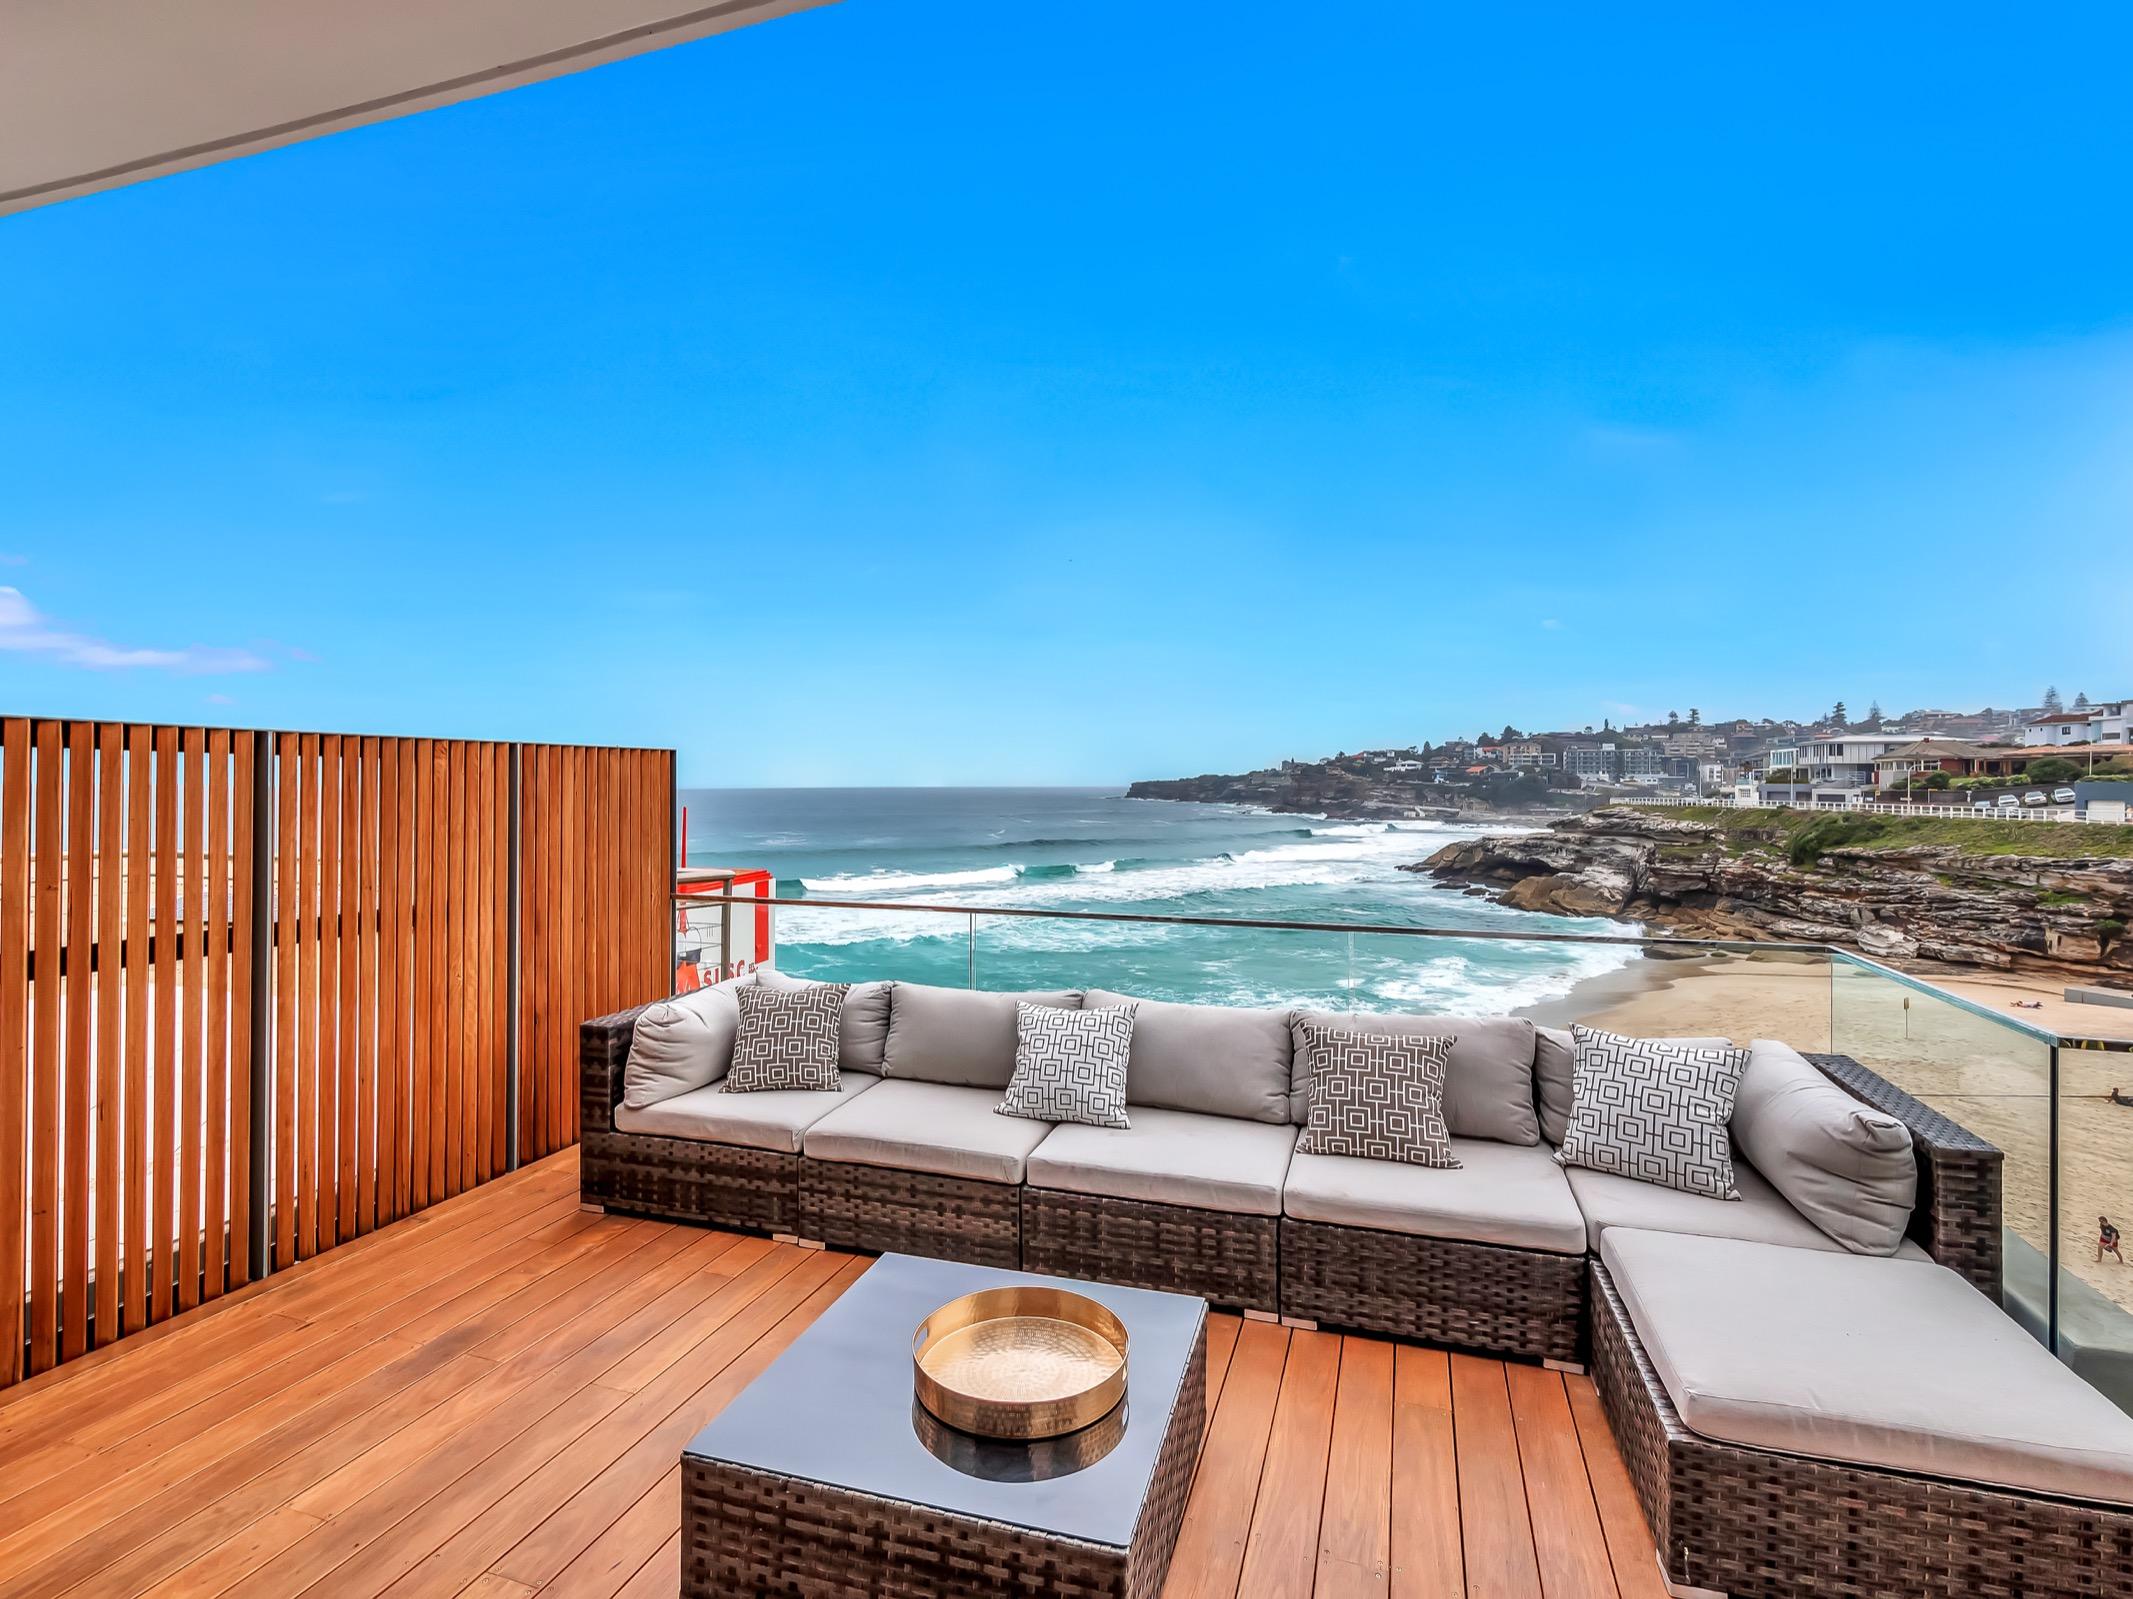 Beachfront Suite Tamarama. Bondi Beach Holiday Homes18.jpg